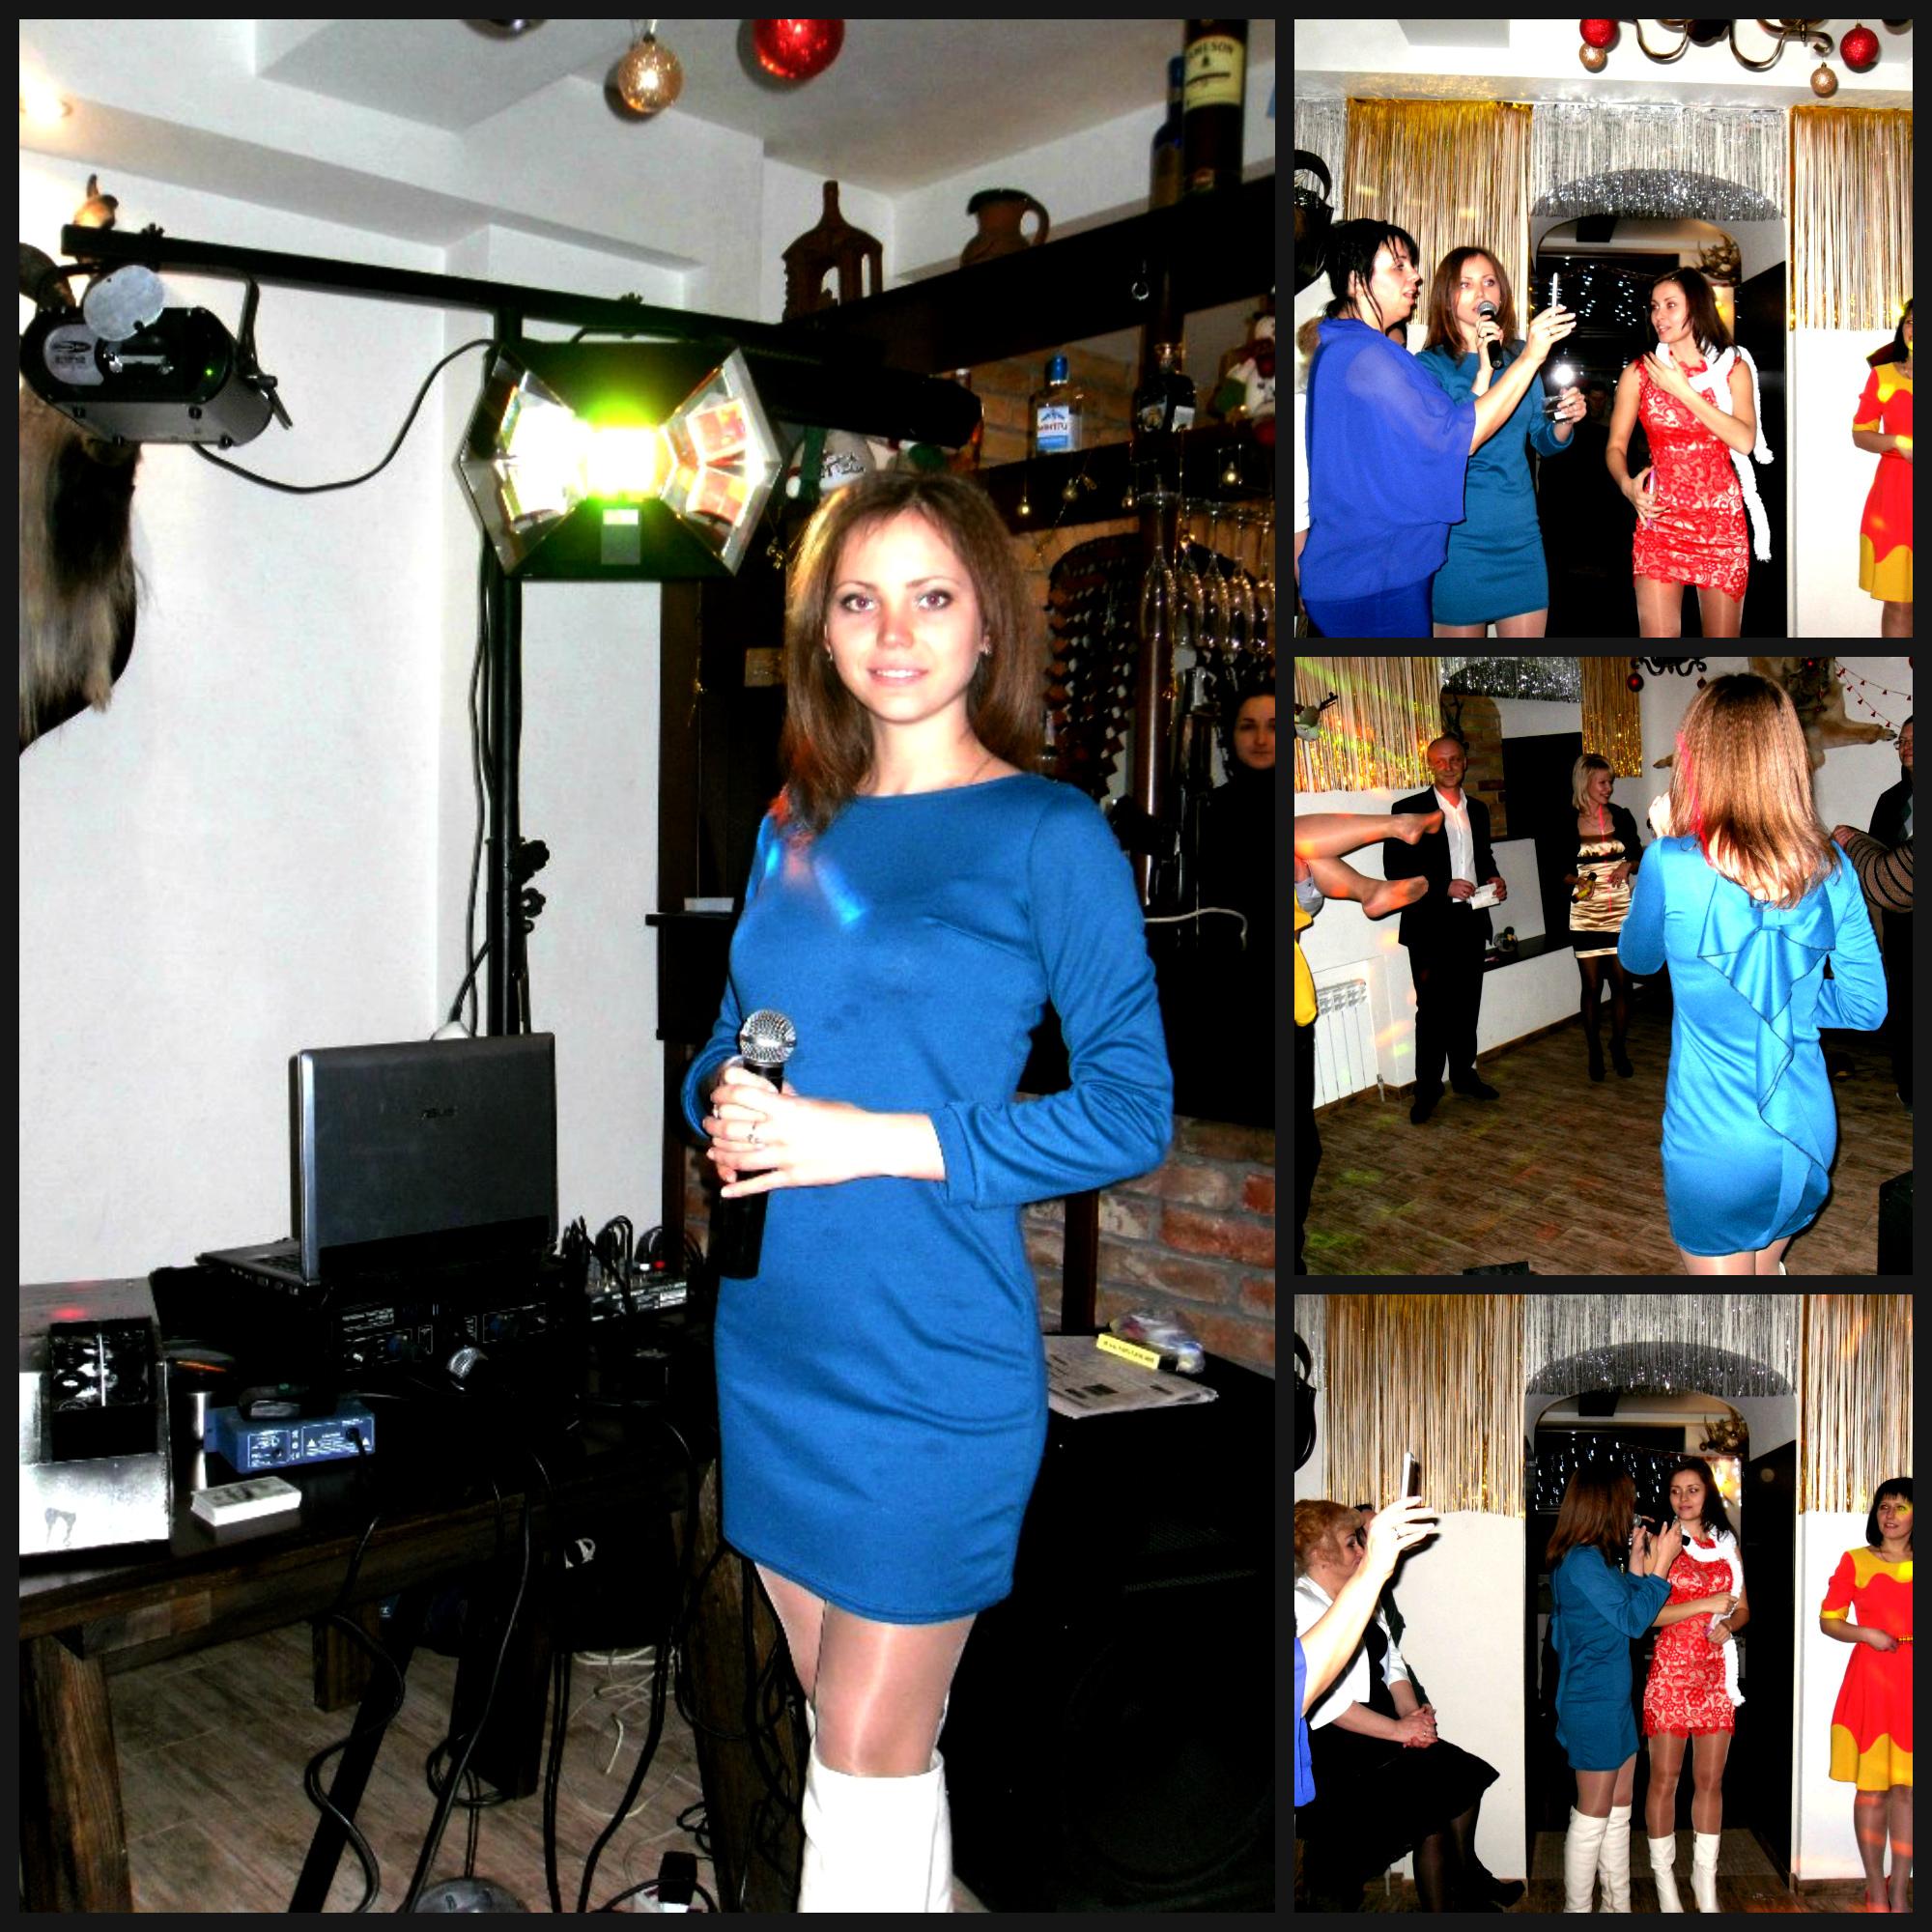 Новогодний корпоратив Днепропетровск 2015 Ведущая Анна Никитина